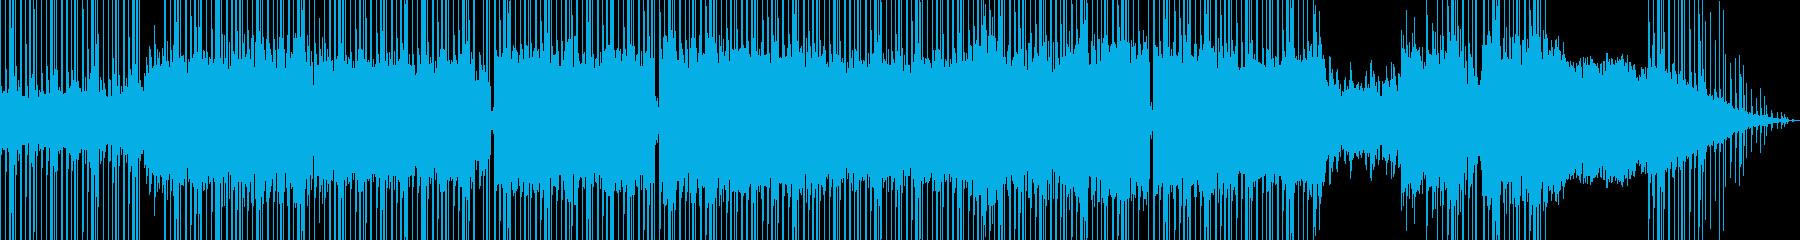 独特なリズで夜を感じるメロディーの再生済みの波形